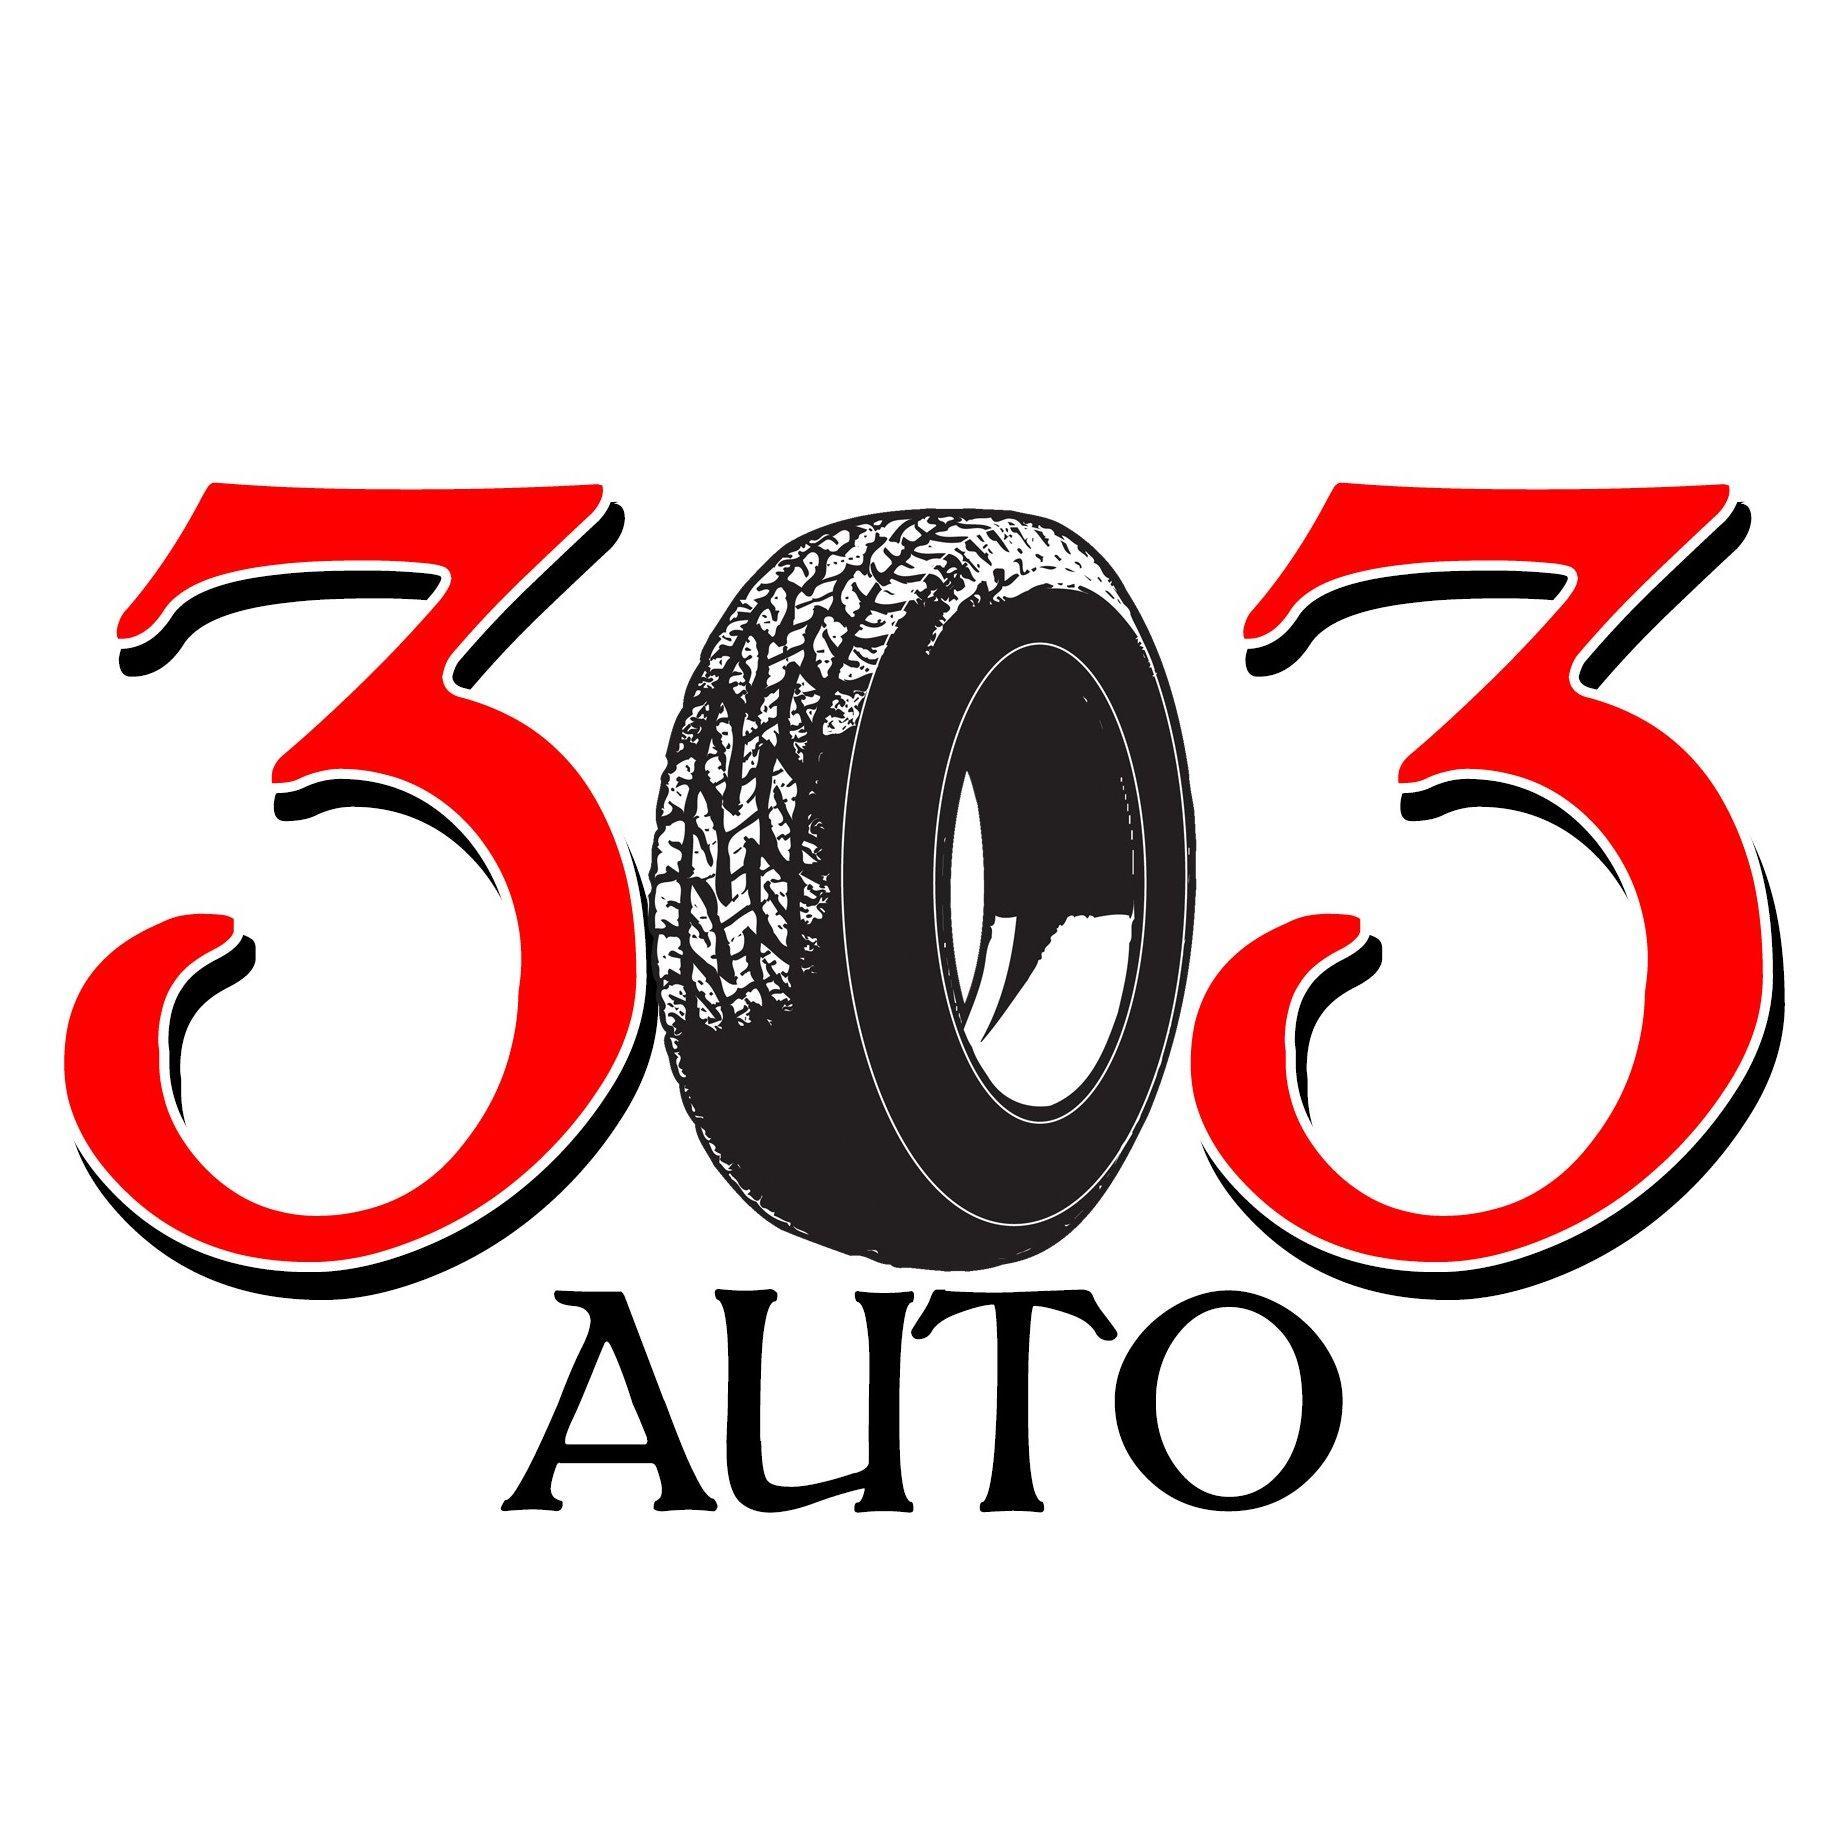 303 Auto